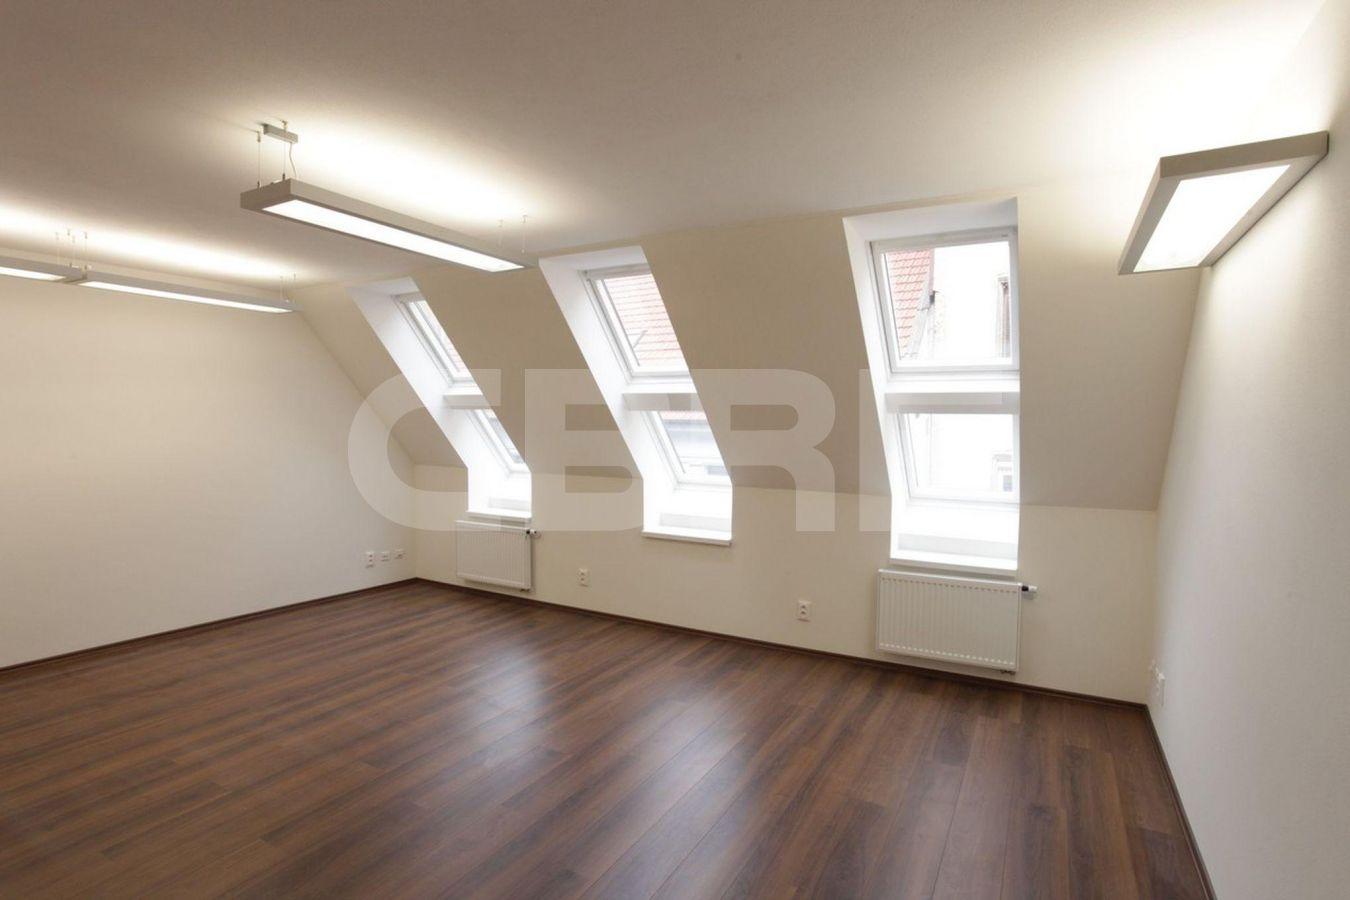 Nedbalova 12, Bratislava - Staré Mesto | Offices for rent by CBRE | 1